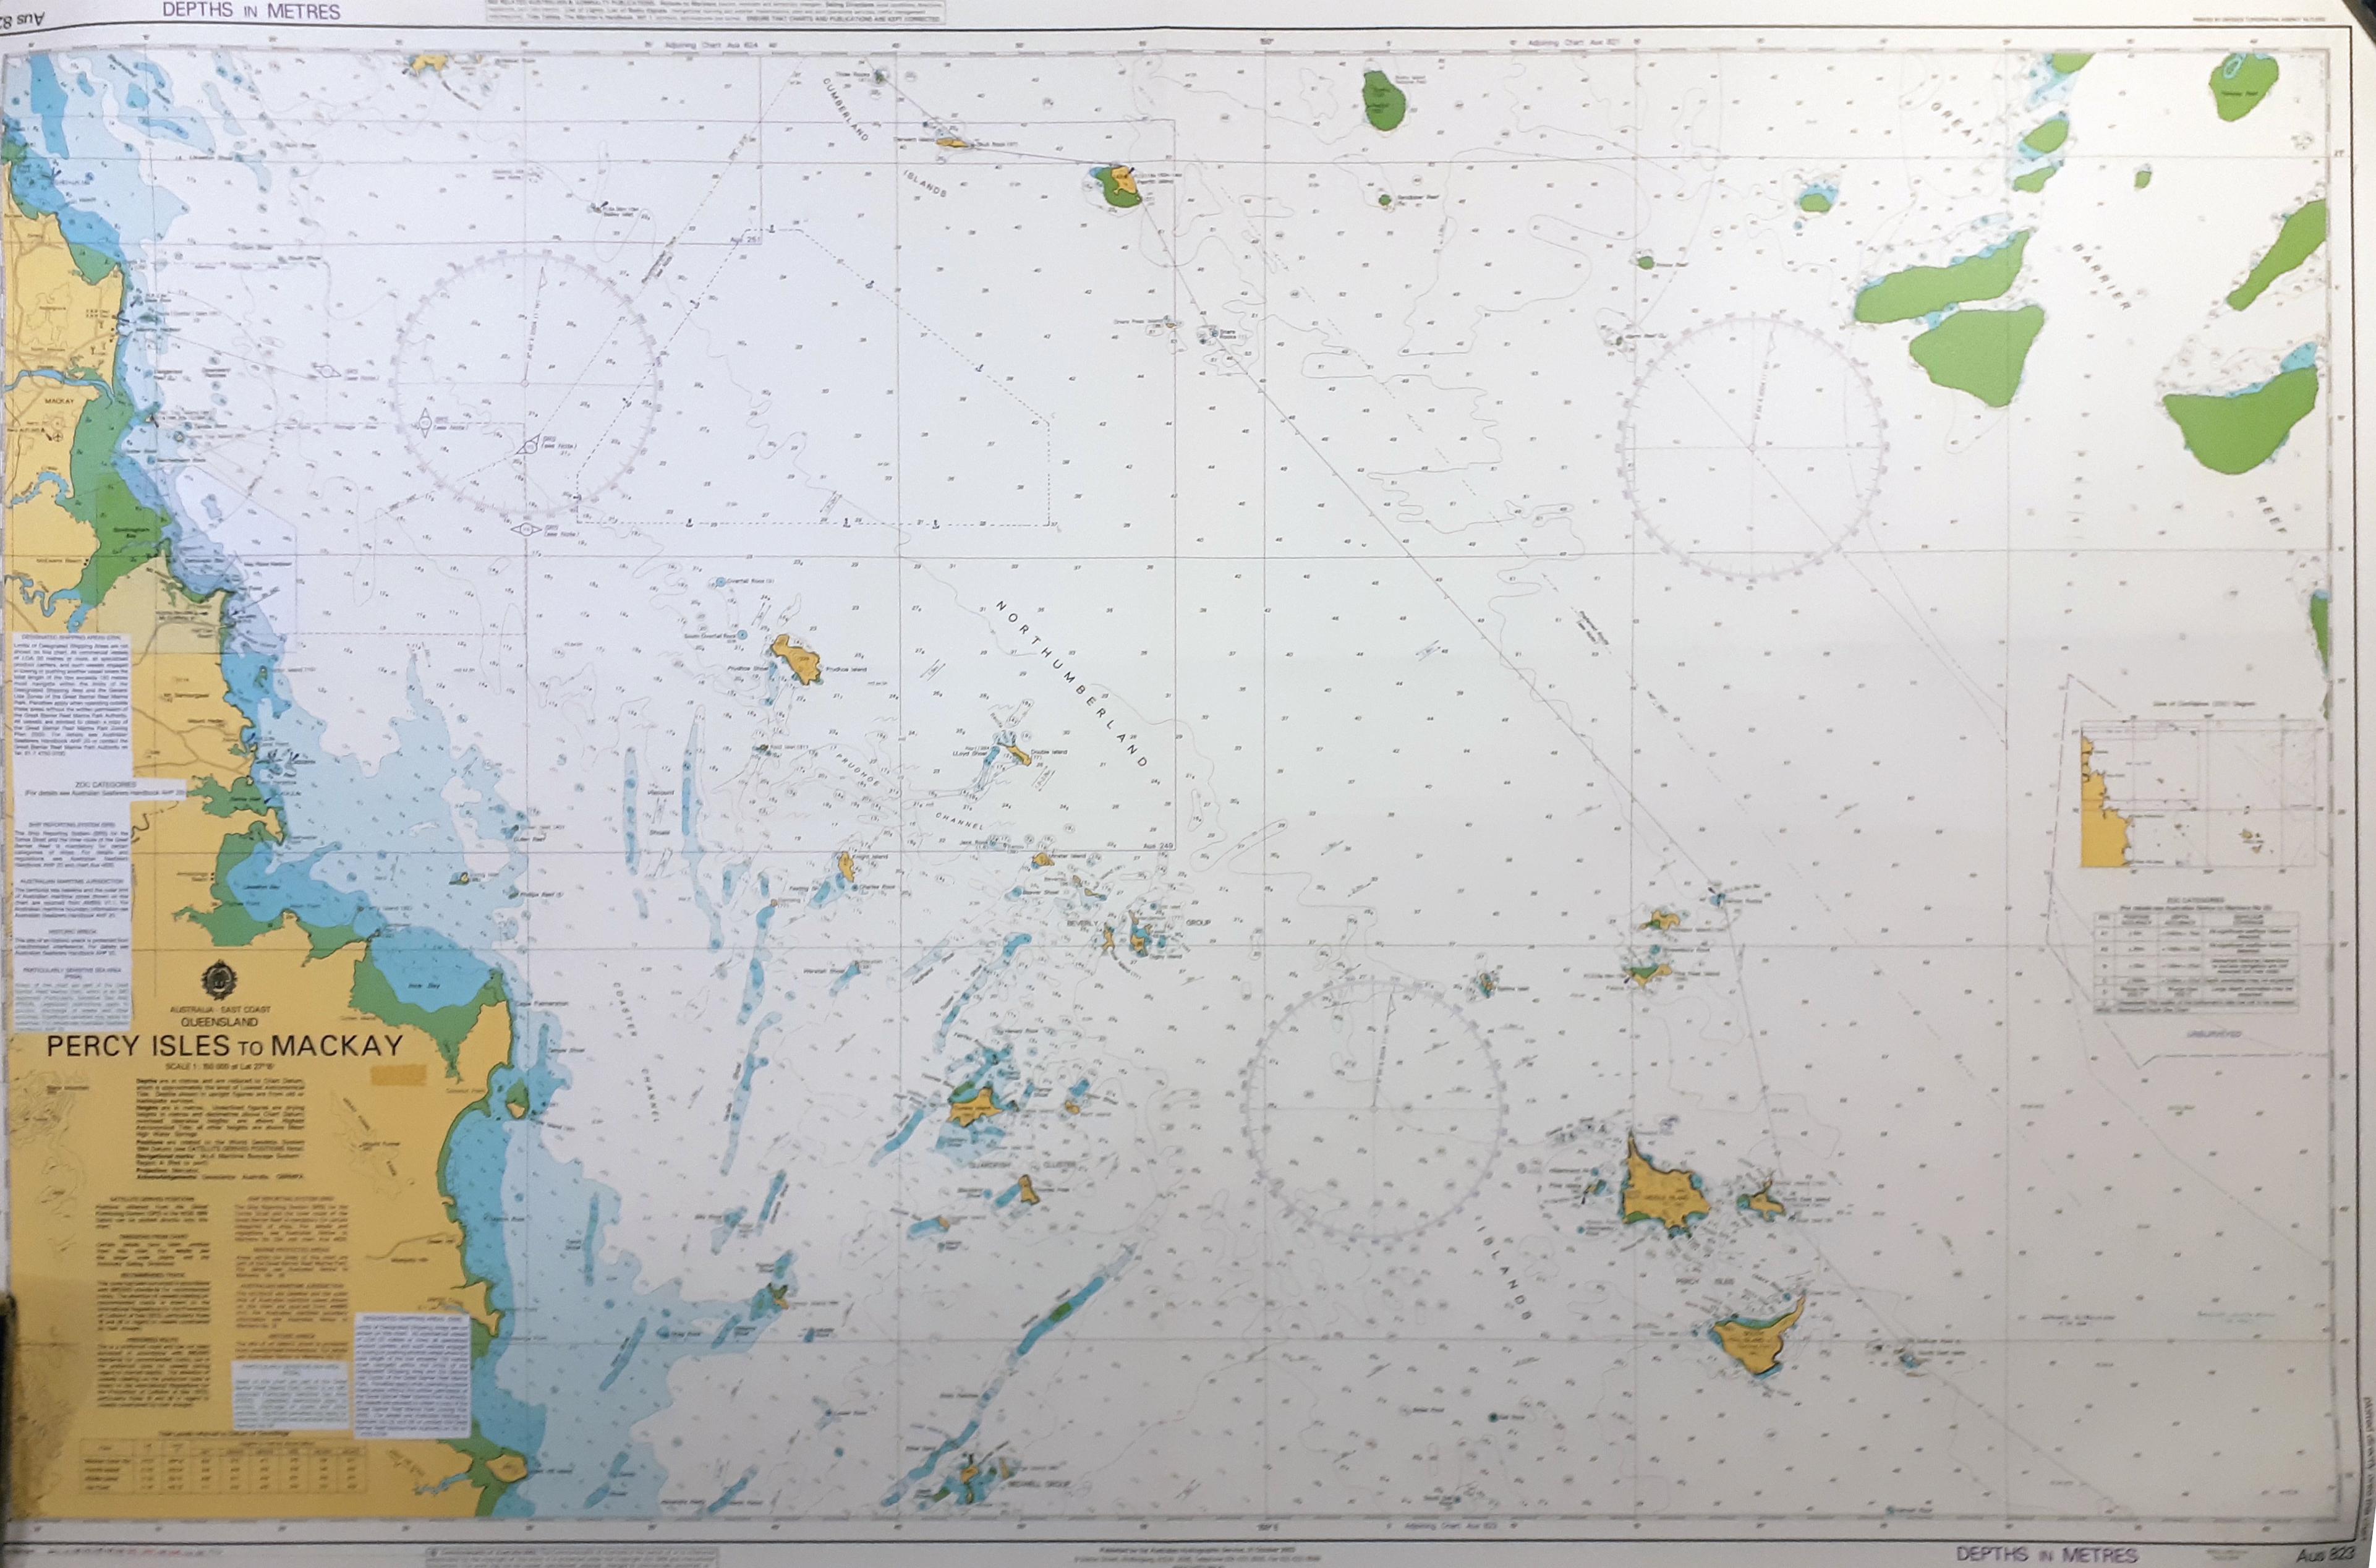 26. Percy Isles to Mackay